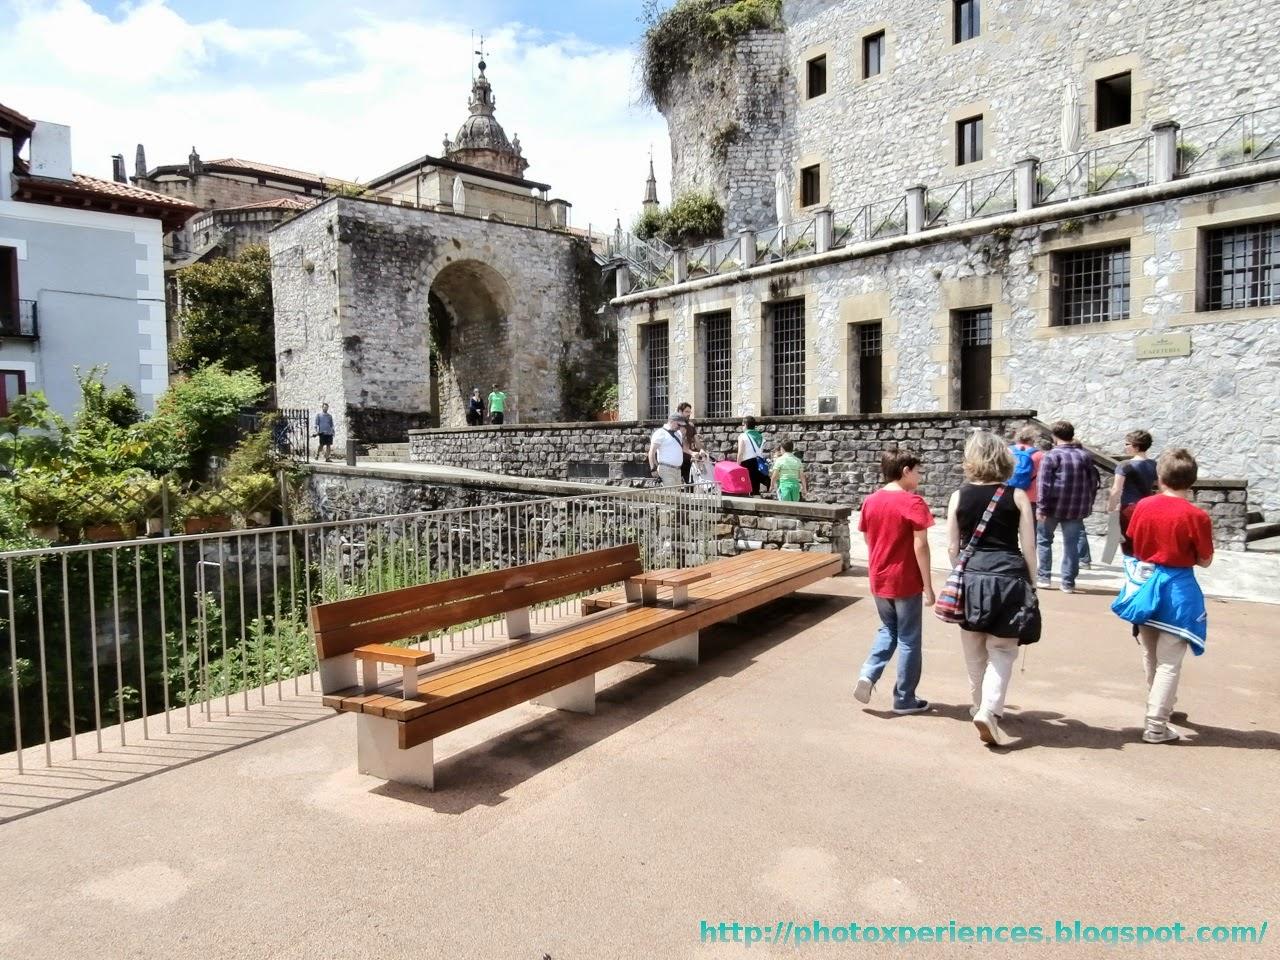 Puerta de la muralla de Hondarribia - Fuenterrabía